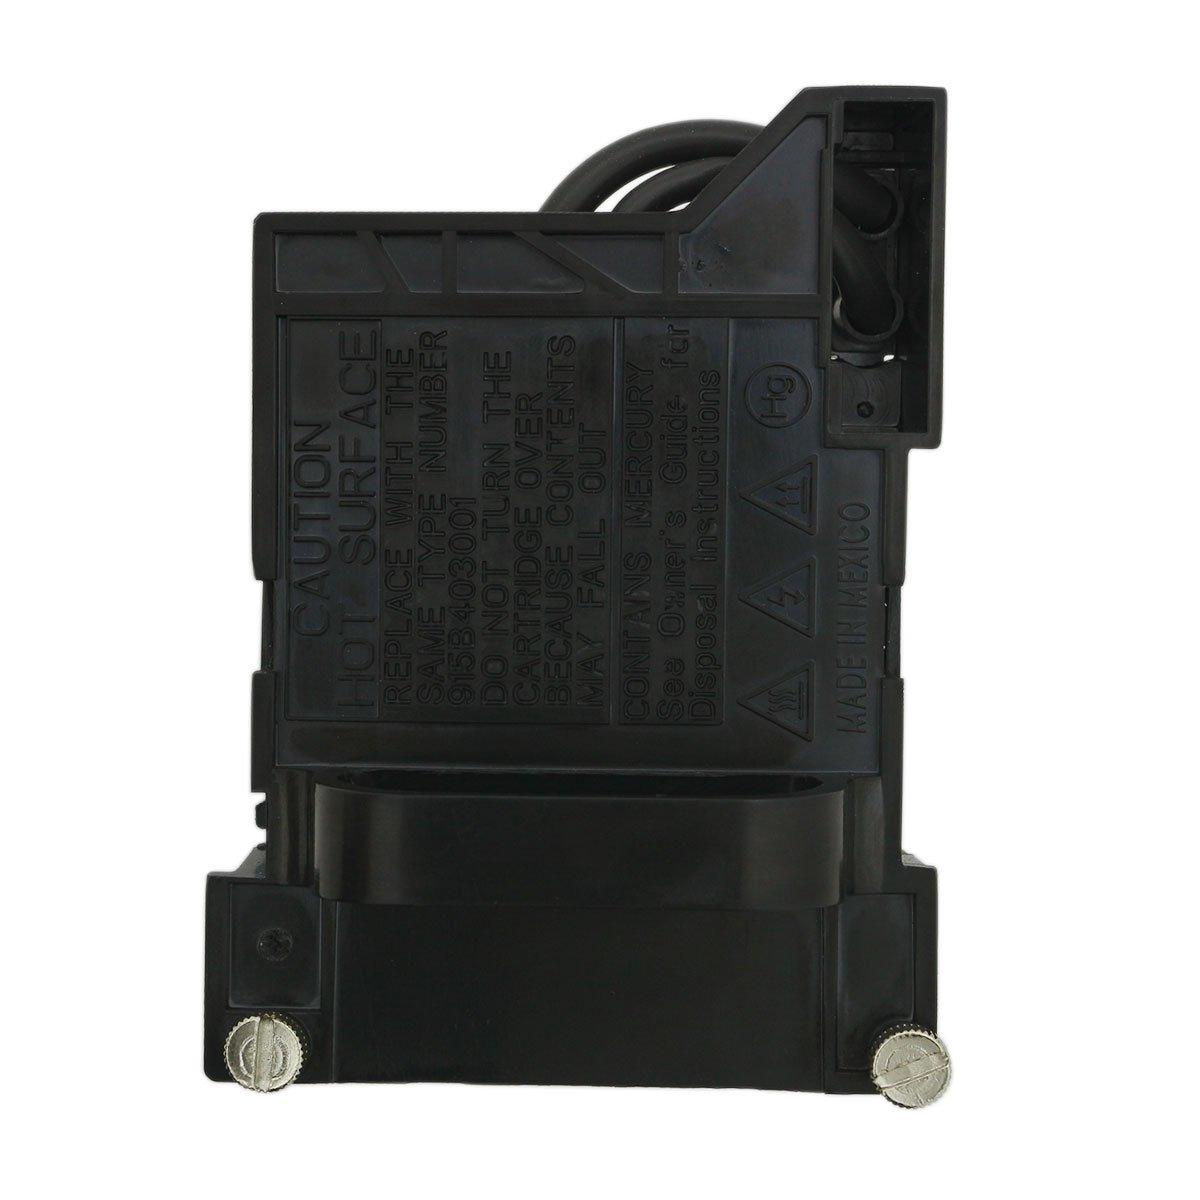 915B403001 Mitsubishi WD-73C9 TV Lamp